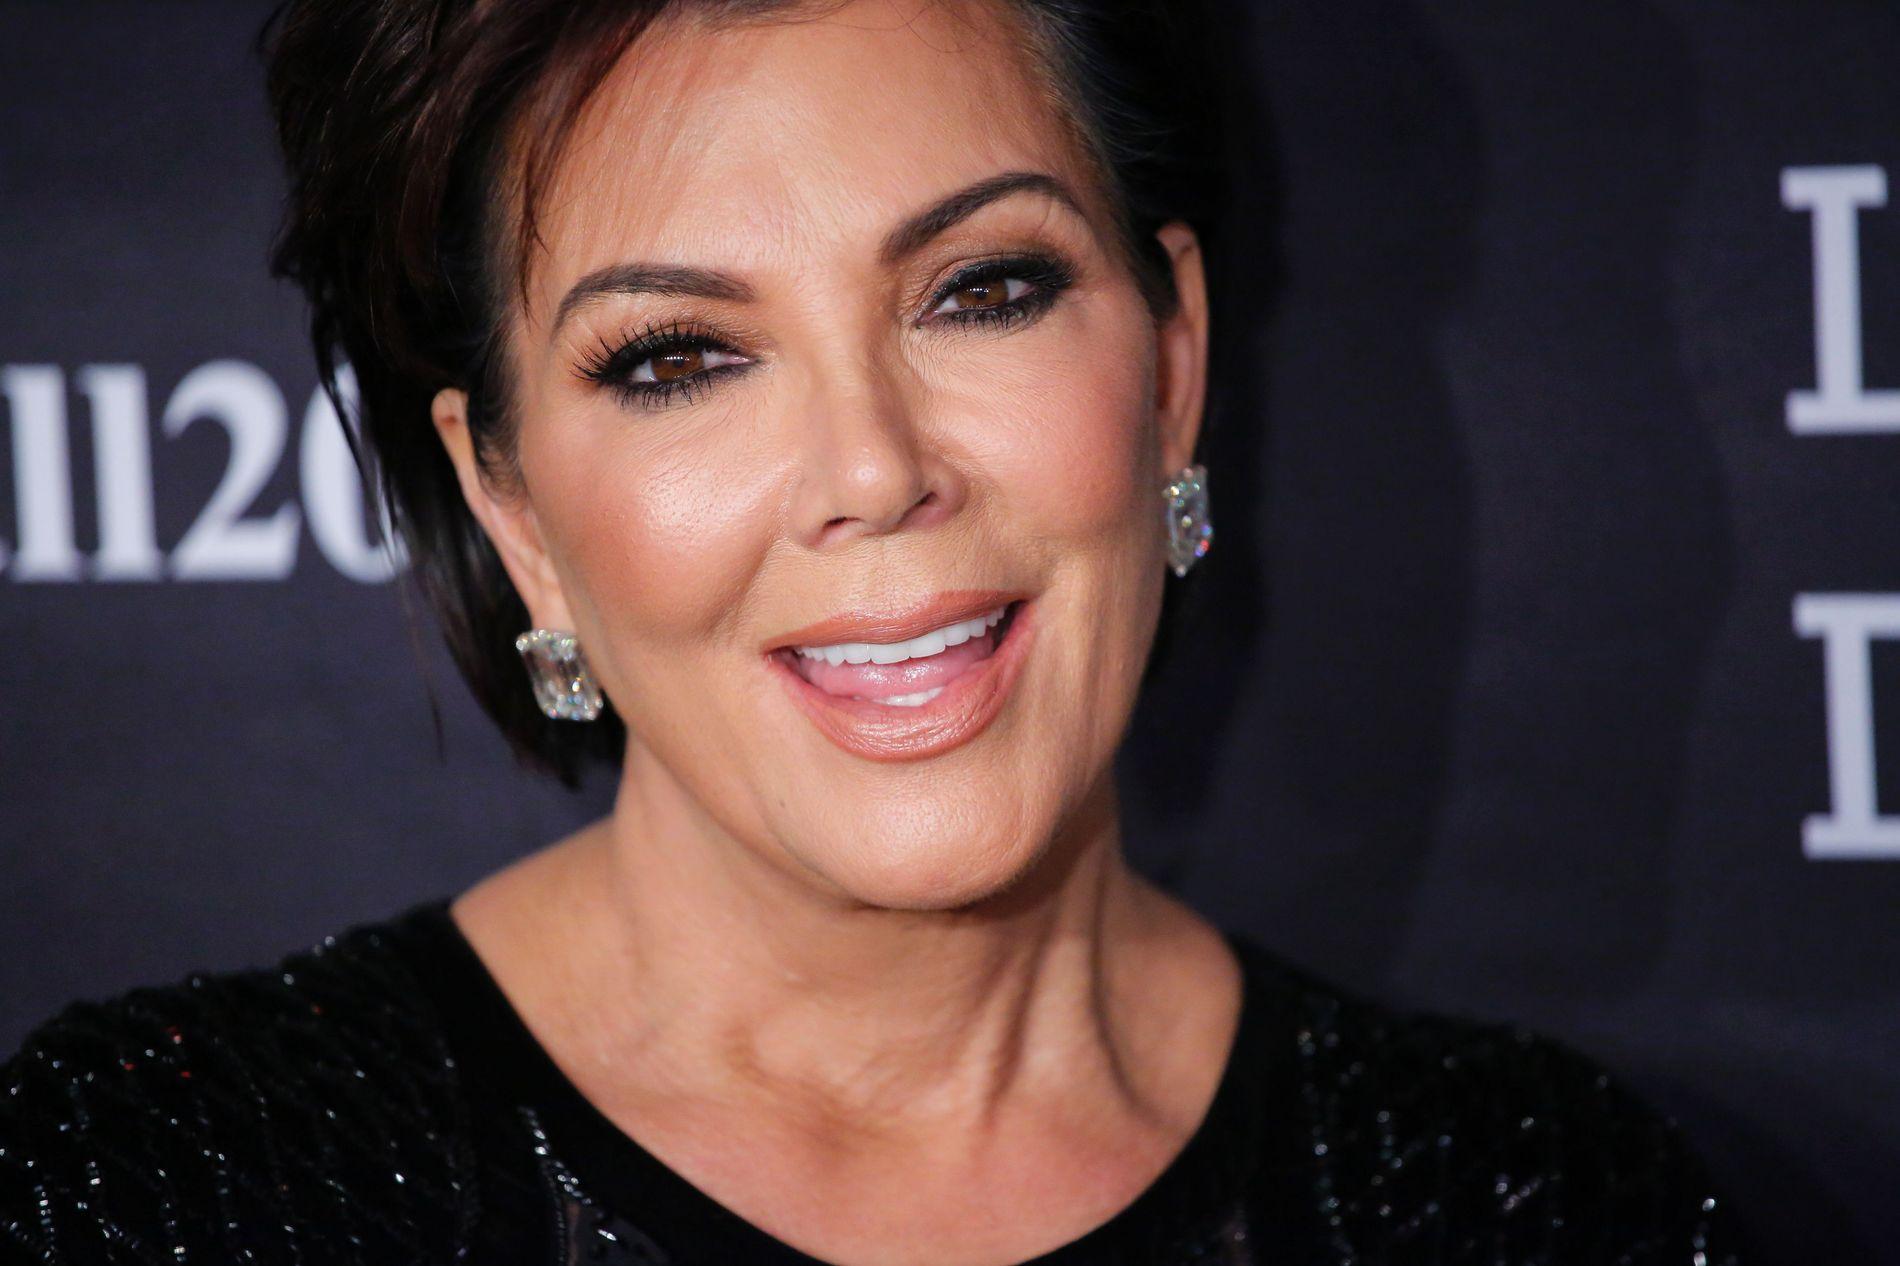 NEKTER FOR BRÅK: Kris Jenner avviser ryktene om at hun og svigersønn Kanye West krangler.